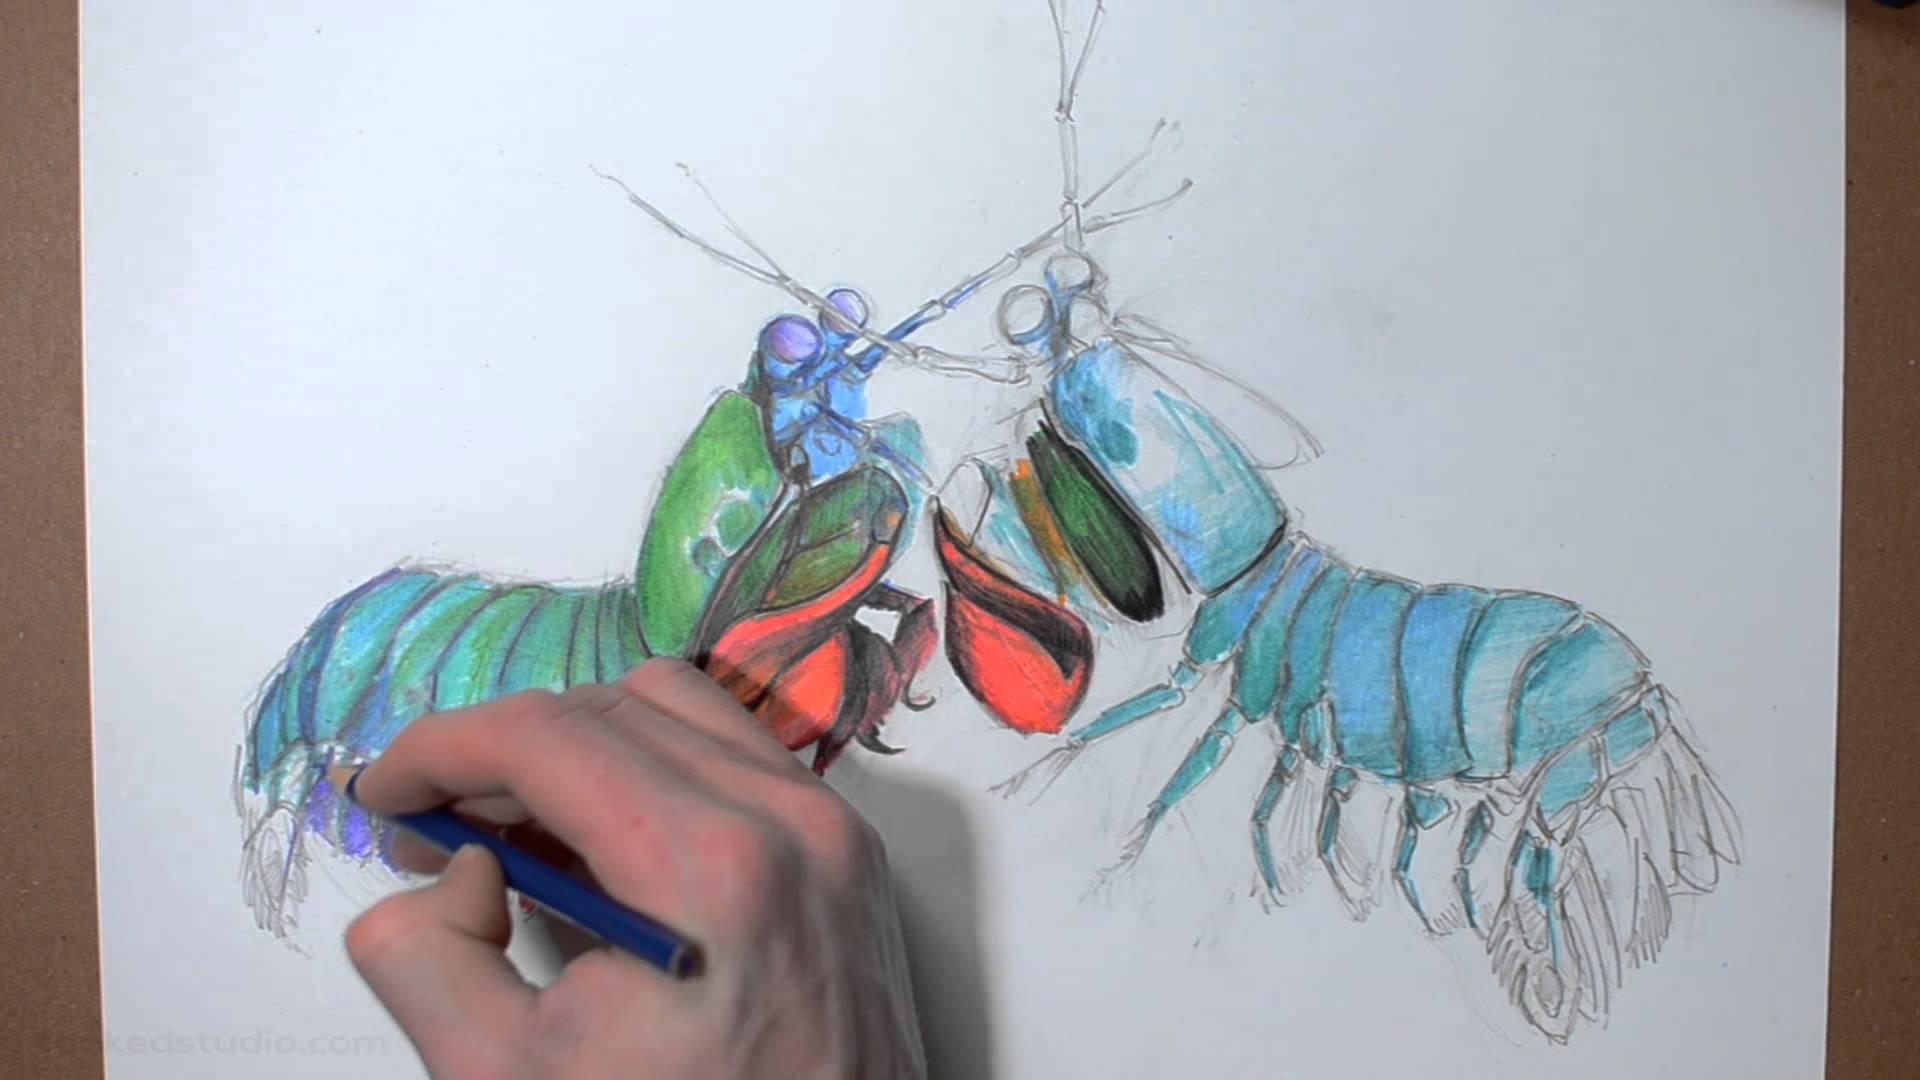 1920x1080 Mantis Shrimp